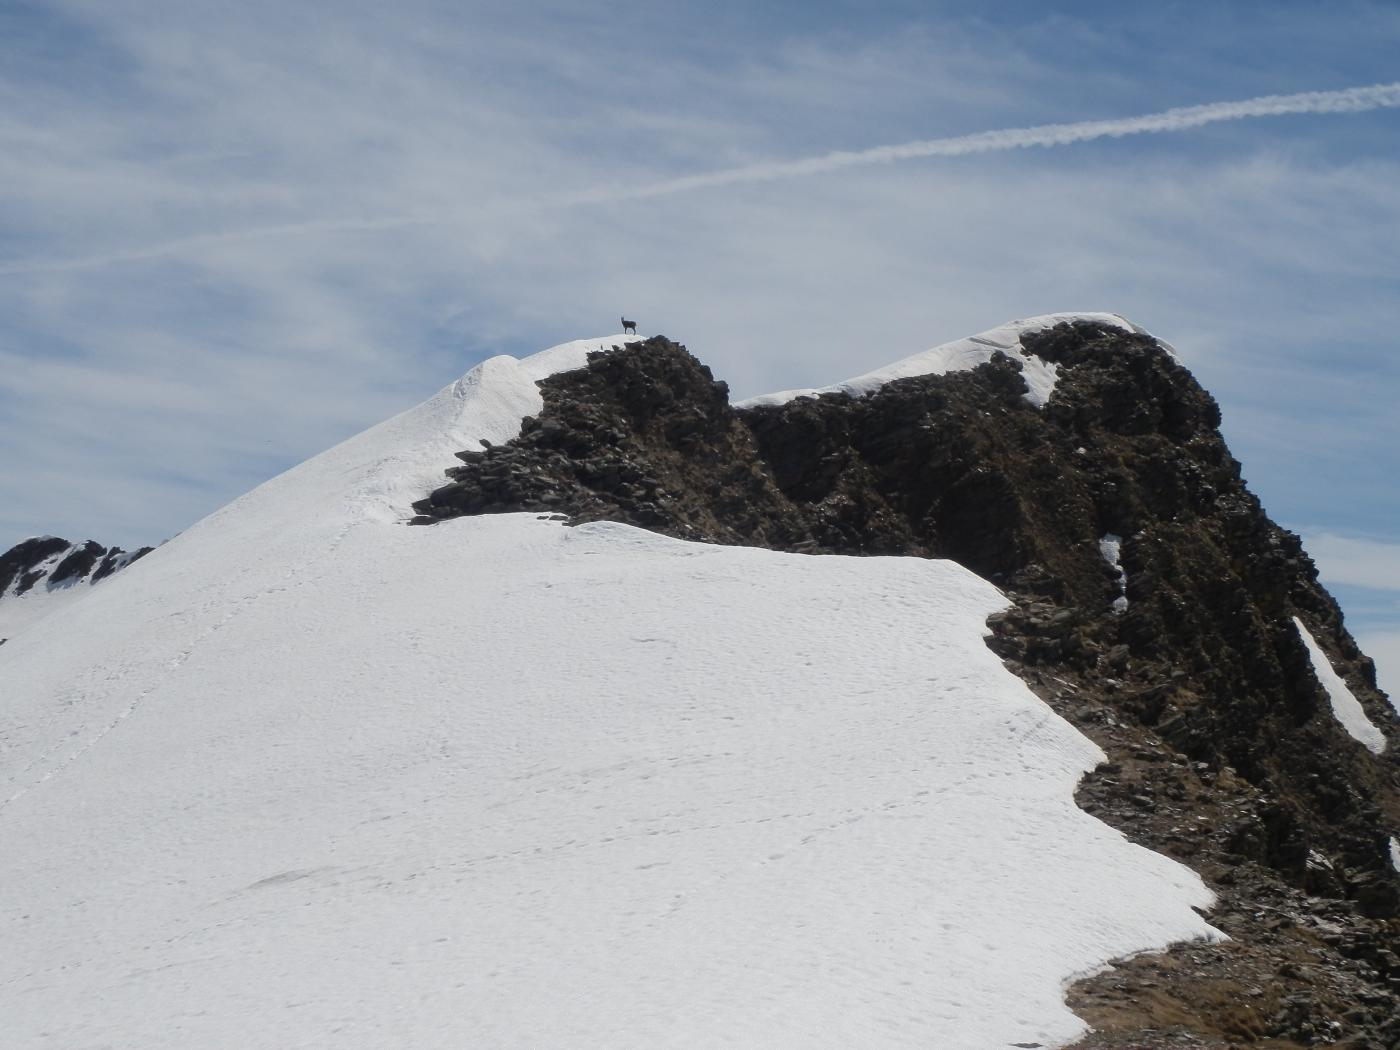 arrivo al colle presso il Passo Bue, sullo sfondo la spalla della Rognosa  con la cresta